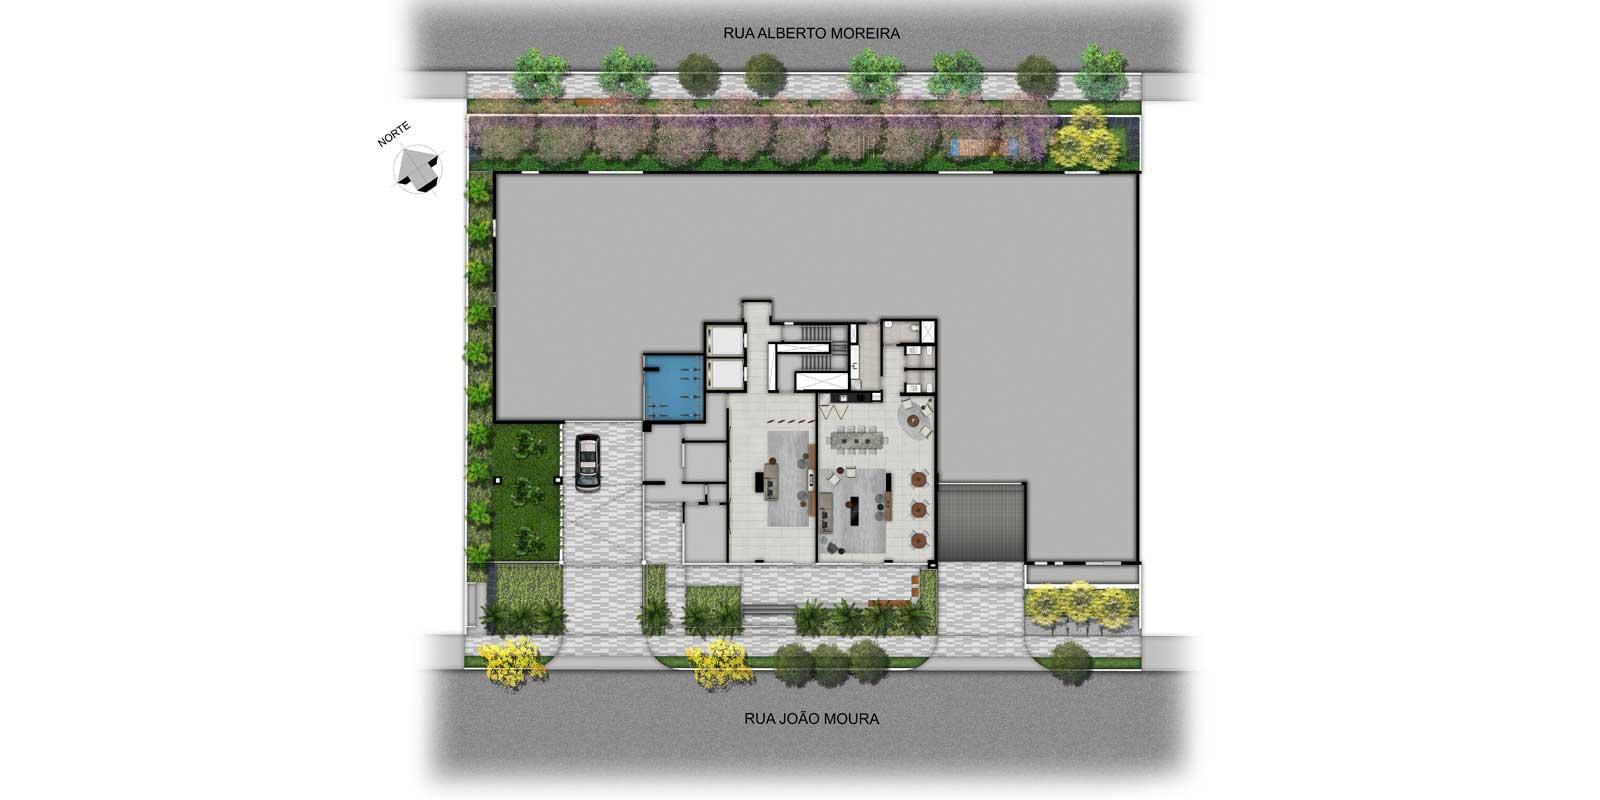 origem-vila-madalena-_plantas_04072016_1ae2f16e26